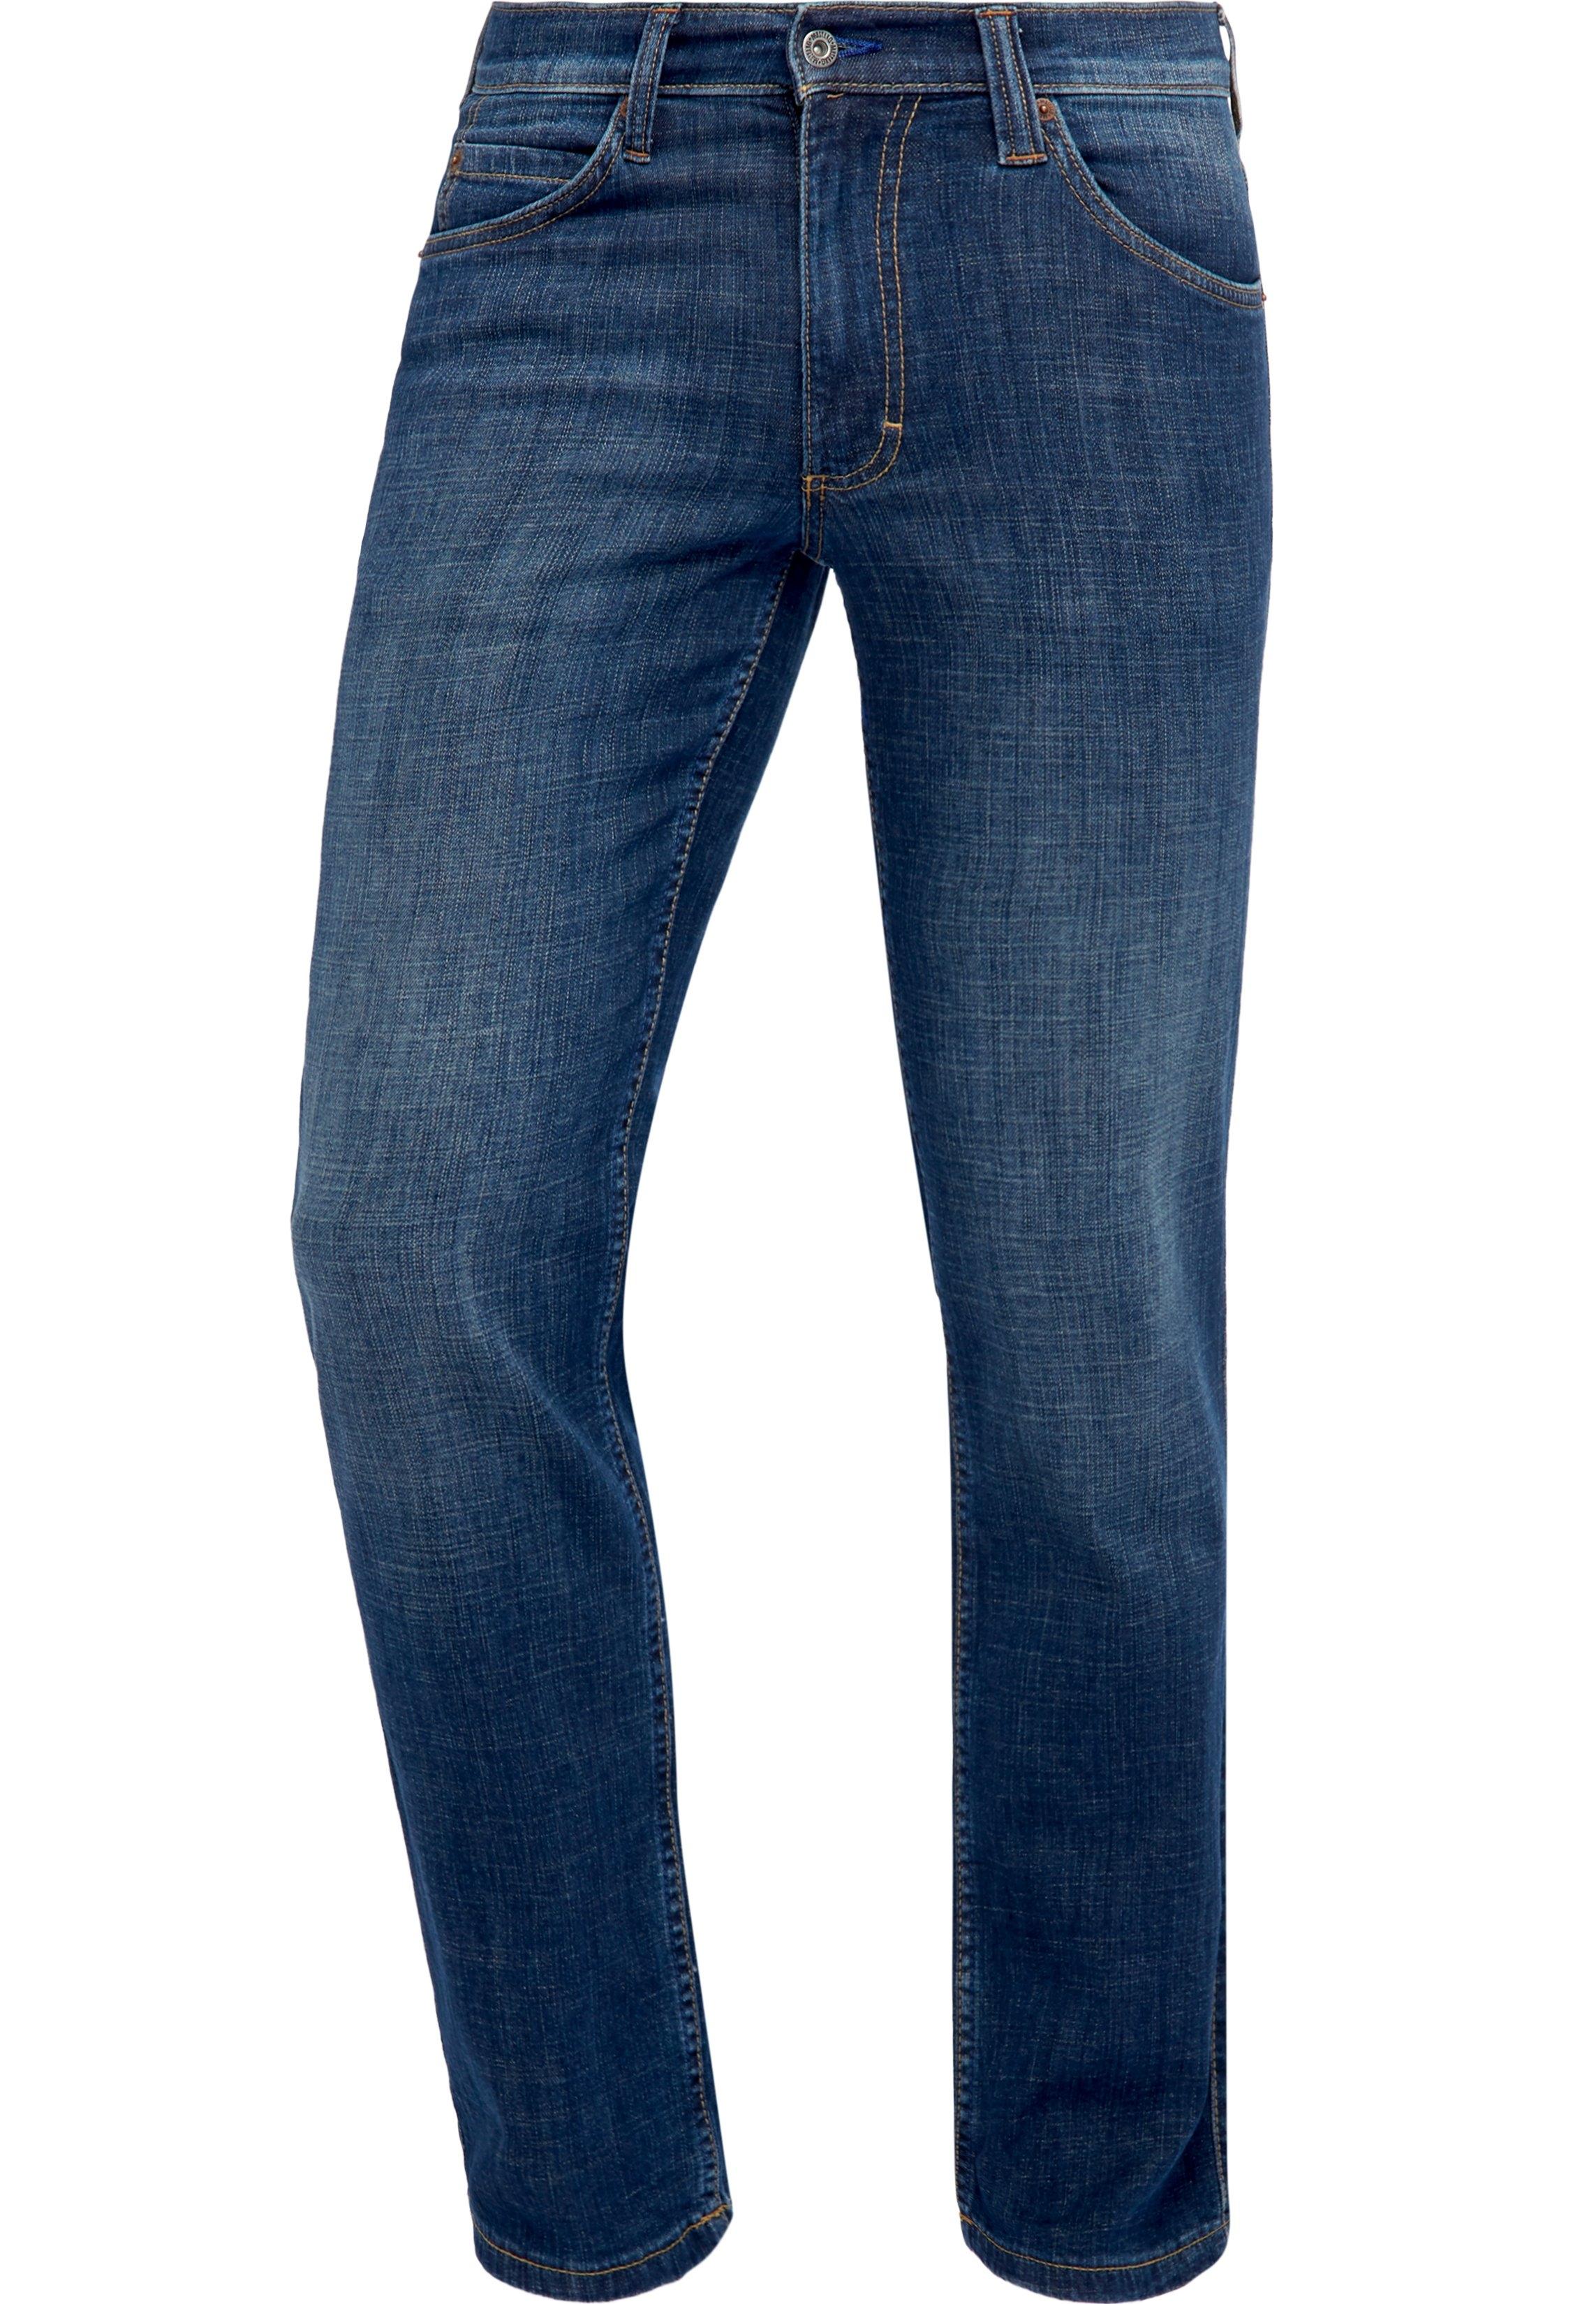 MUSTANG jeans »Tramper« - gratis ruilen op otto.nl